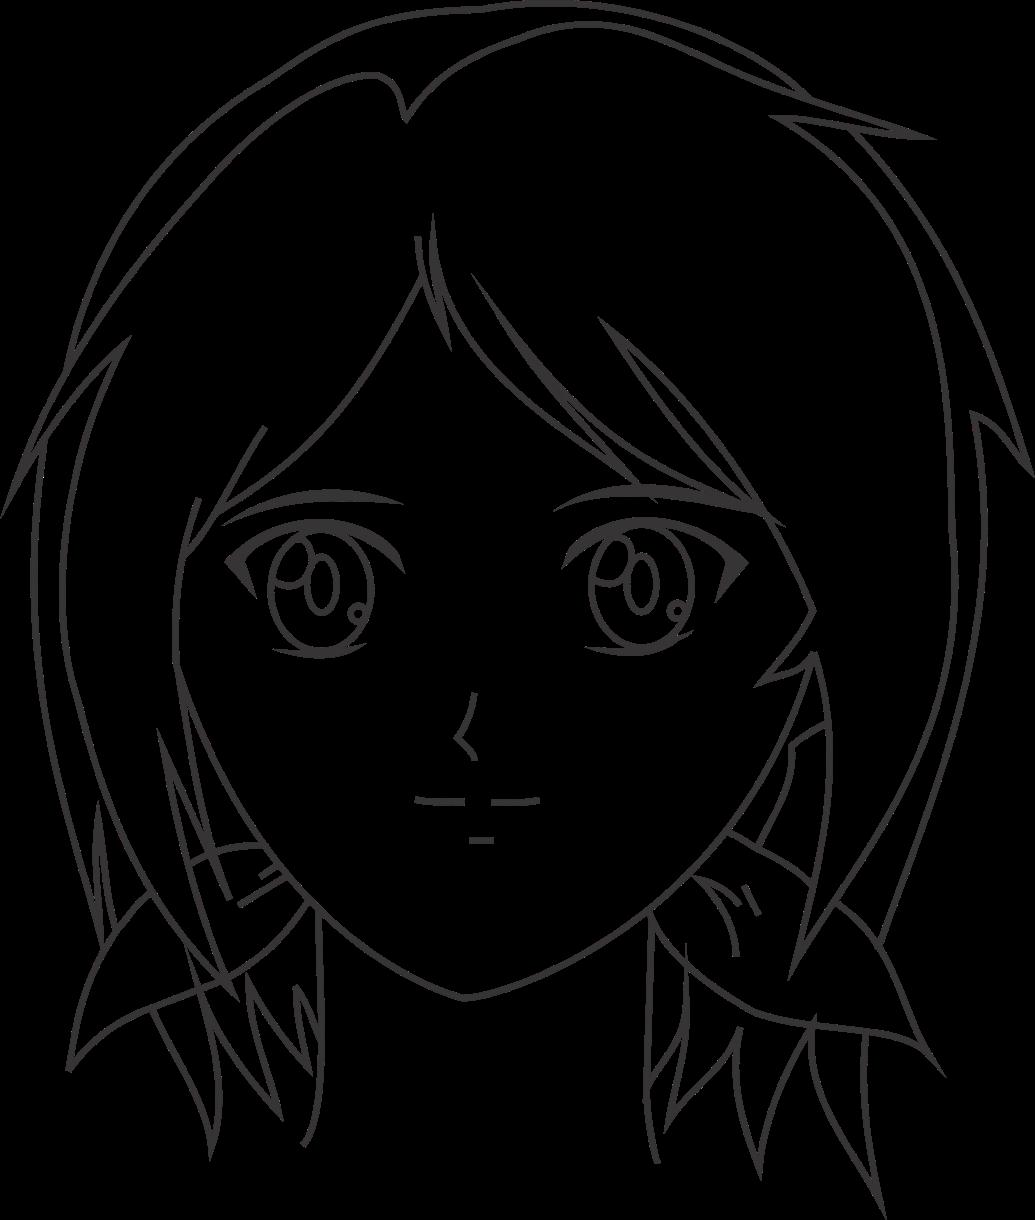 Jika sudah maka pola sketsa keseluruhan telah selesai anda dapat menebalkan gambar dengan spidol atau drawing pen sehingga nampak seperti gambar kanan